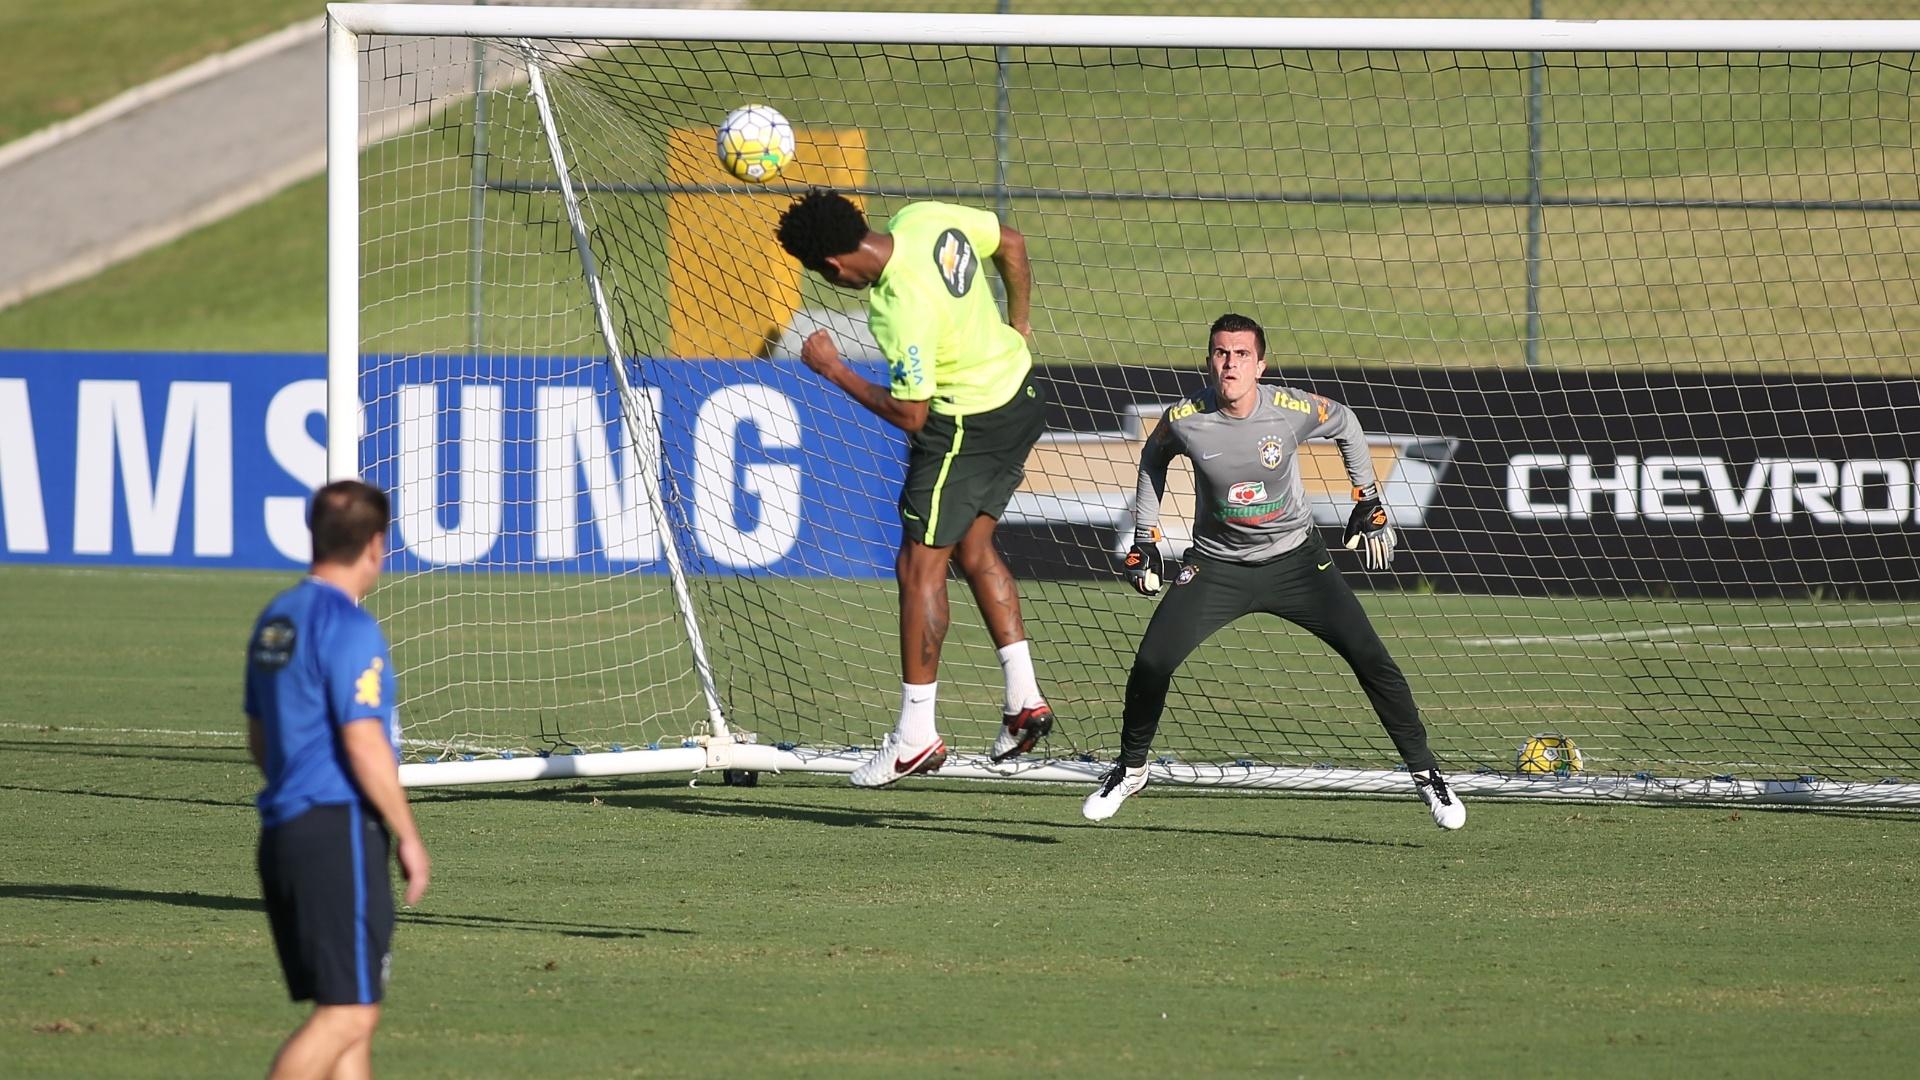 Seleção brasileira treinou finalizações no primeiro dia na Granja Comary